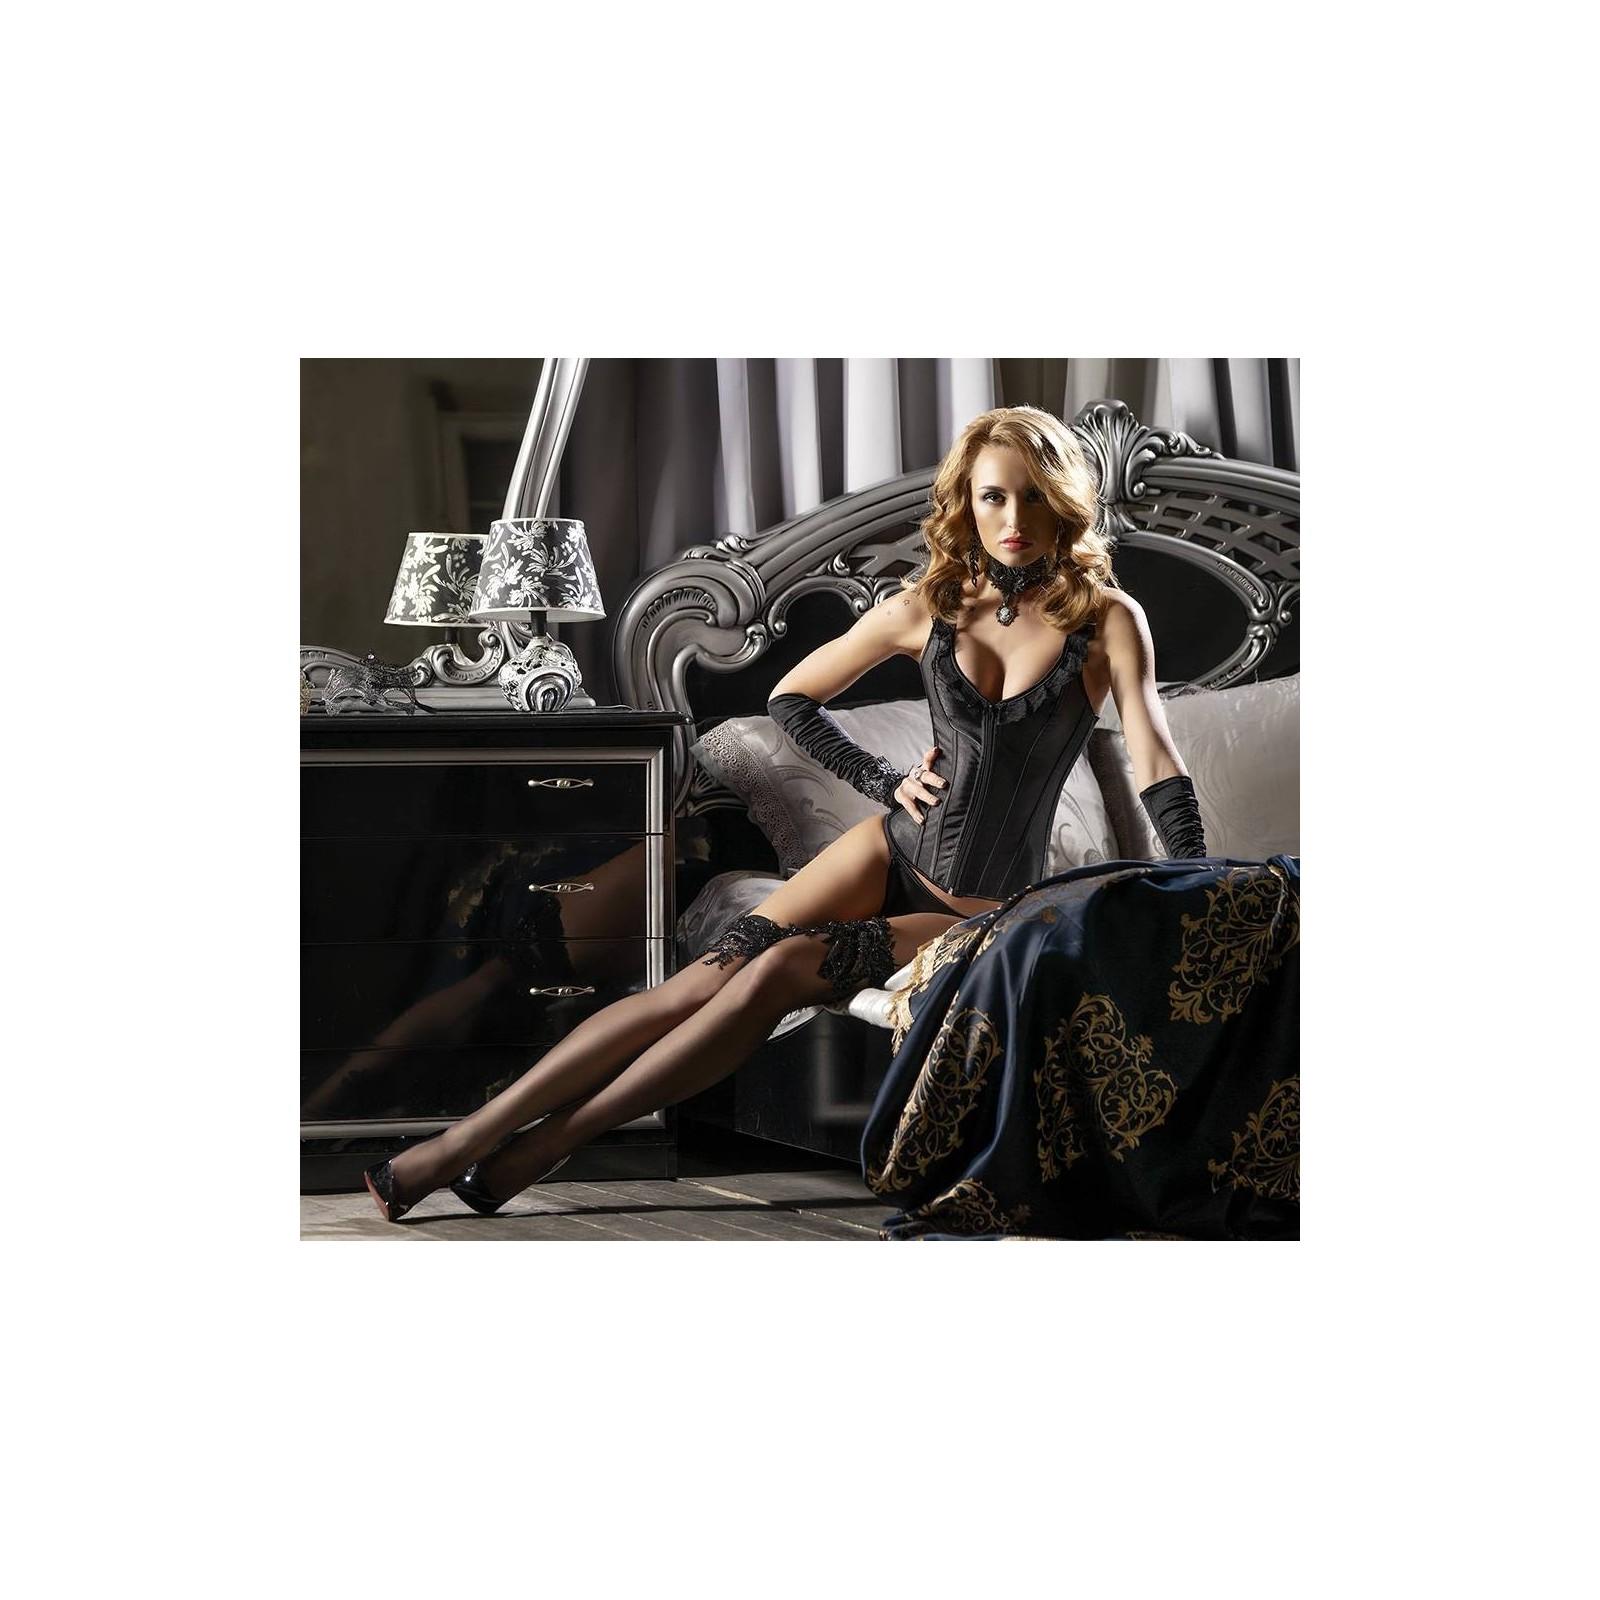 Corsage CR4322 schwarz - 6 - Vorschaubild